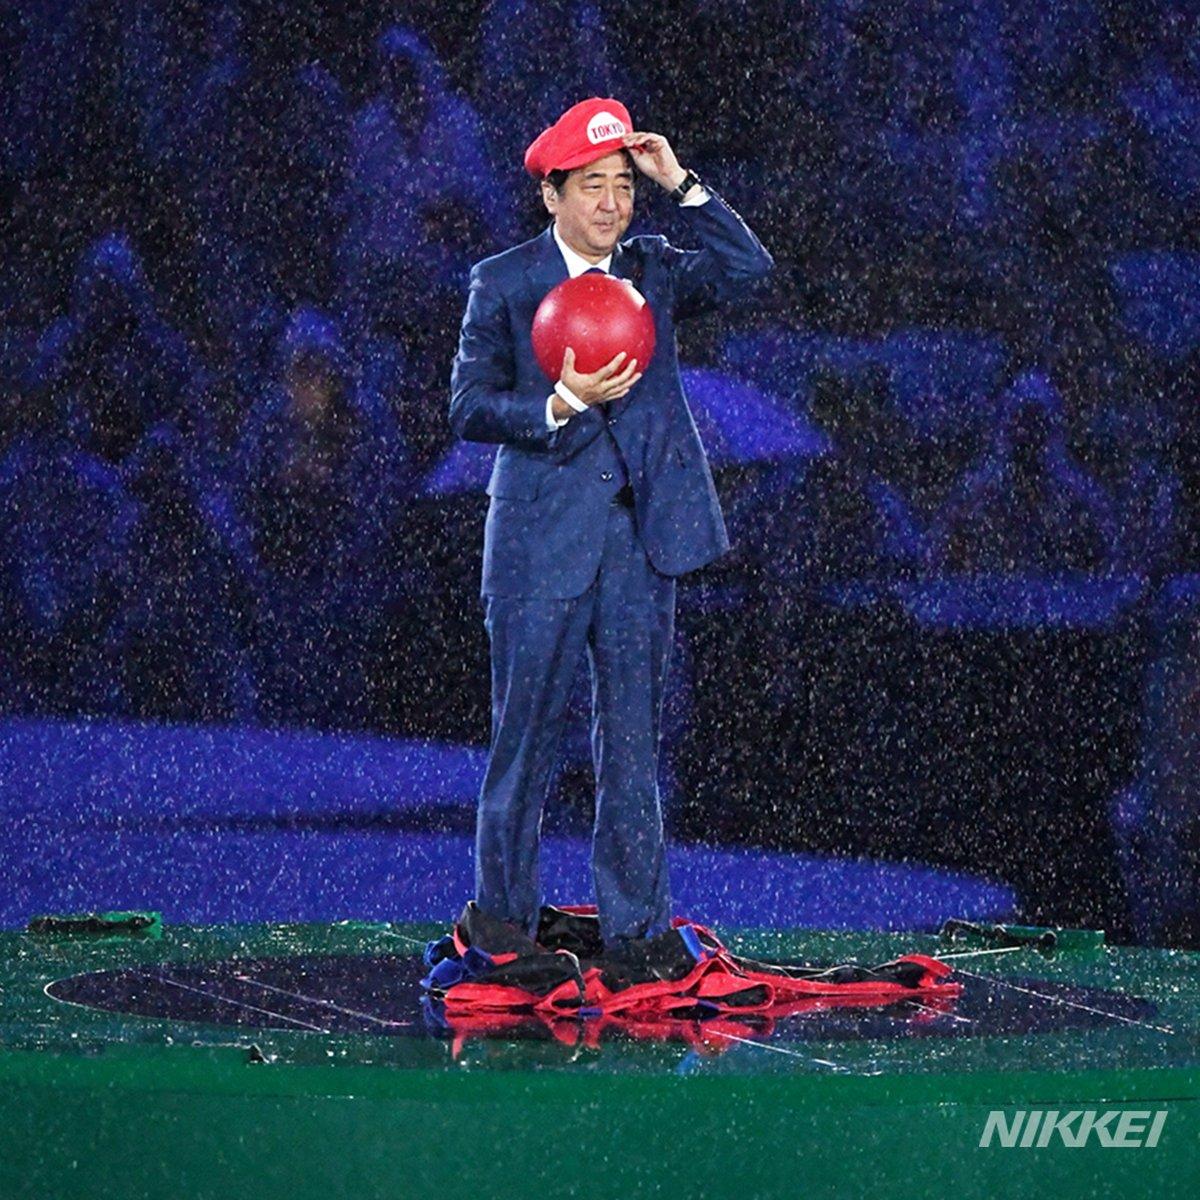 【#リオ五輪】リオから東京へ引き継ぎ。 #閉会式 では人気キャラクター #マリオ にふんした #安倍首相 がワープ土管から登場(柏) https://t.co/xBr9ZZq5yU #SuperMario #RiotoTokyo